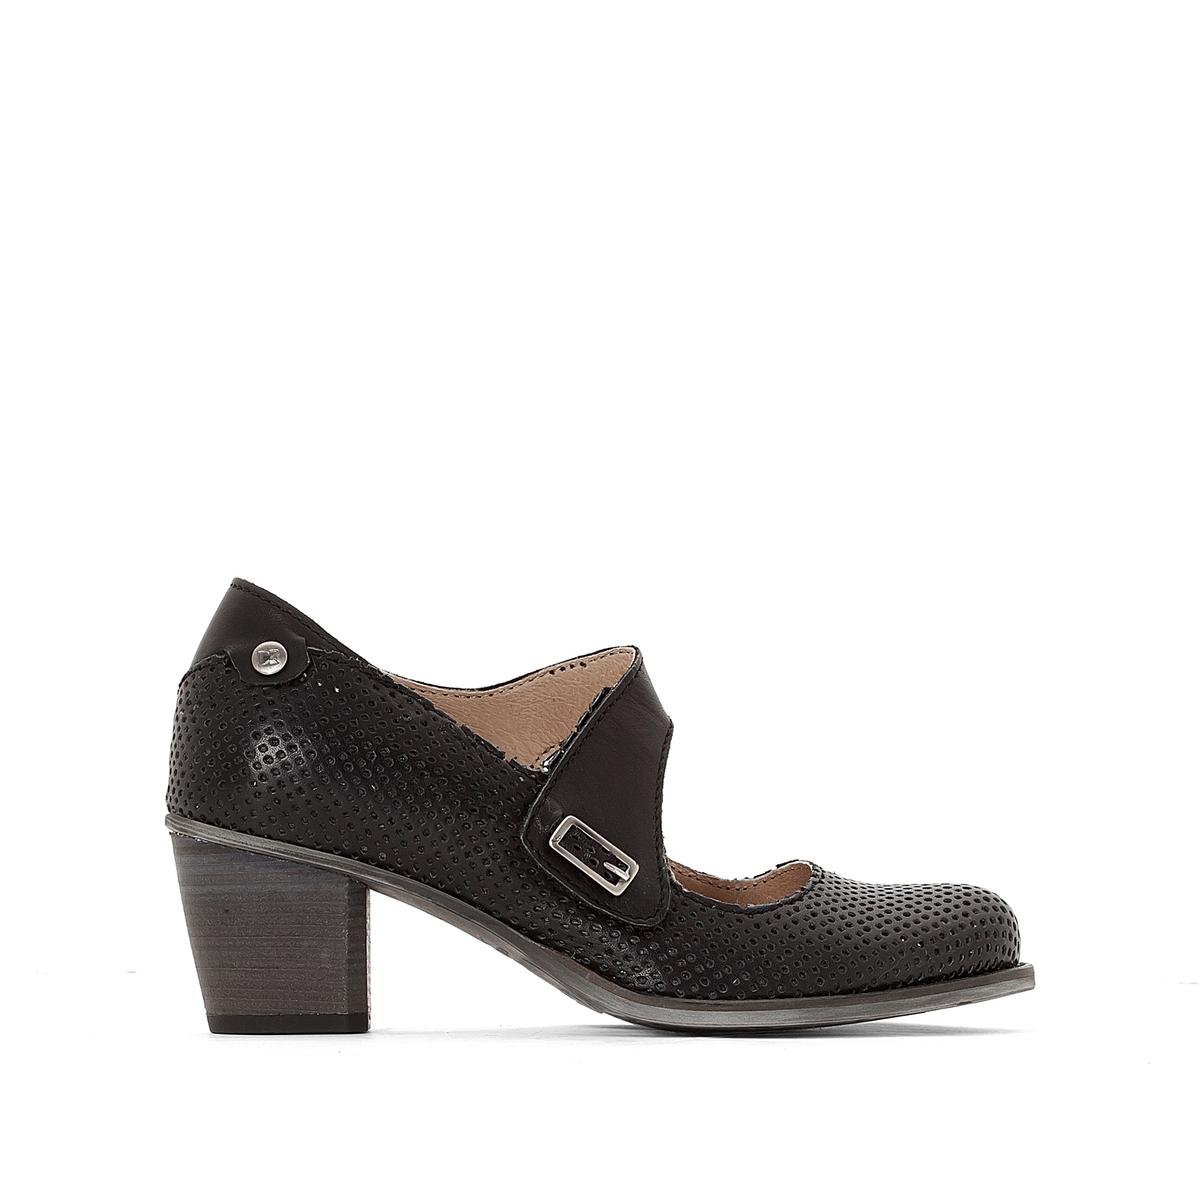 Туфли кожаные с пряжкой BeckyВерх : кожа   Подкладка : кожа   Стелька : кожа   Подошва : резина   Высота каблука : 5 см   Форма каблука : квадратный каблук   Мысок : закругленный мысок  Застежка : пряжка<br><br>Цвет: черный<br>Размер: 39